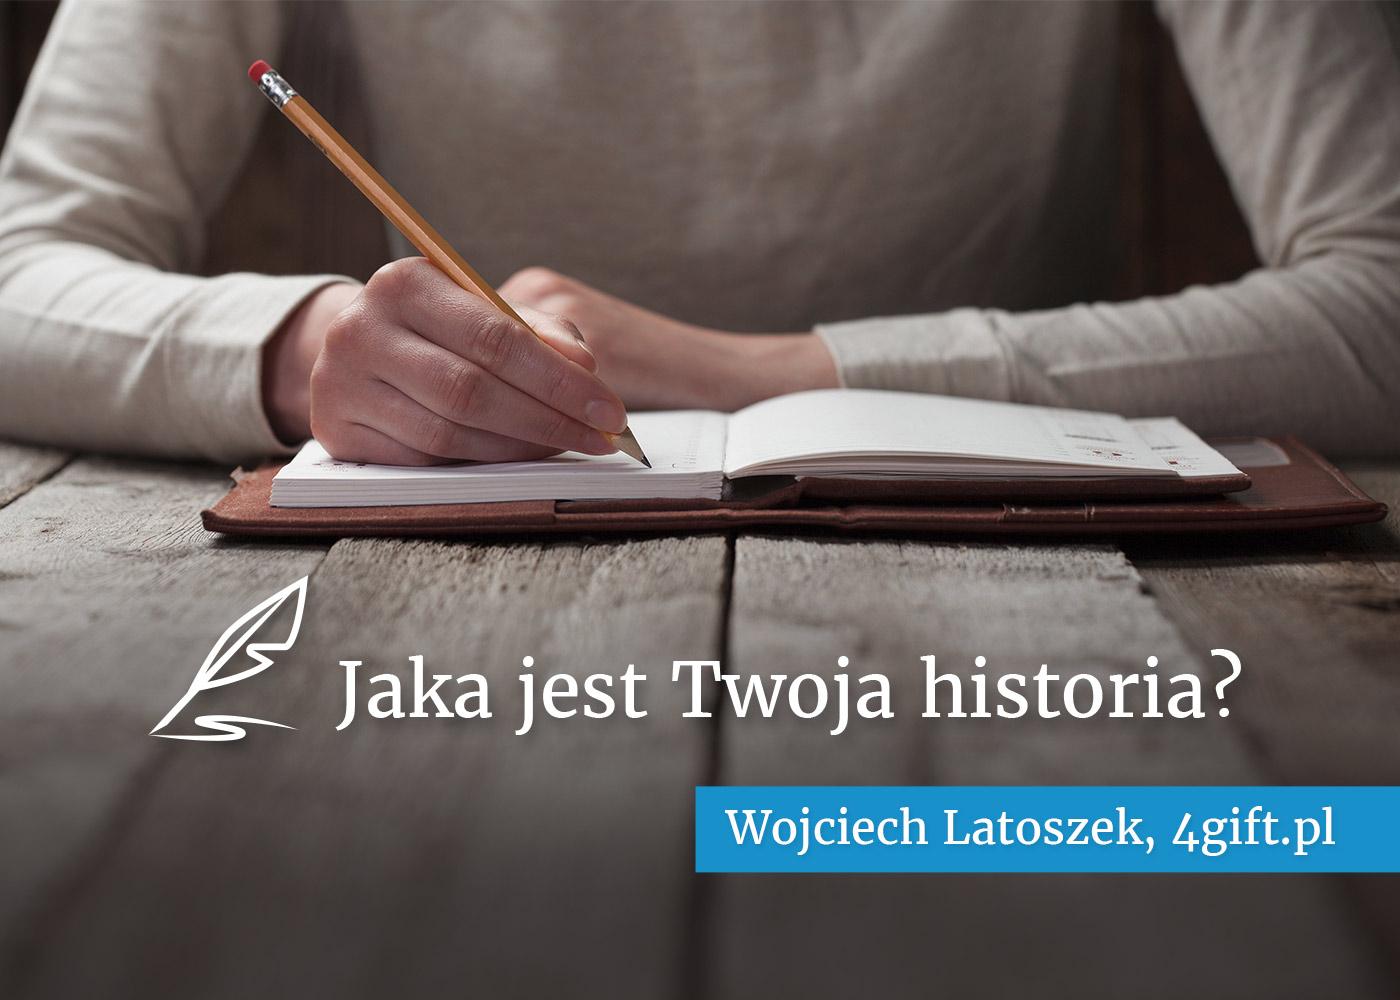 Jaka jest Twoja historia? Wojciech Latoszek, 4Gift.pl